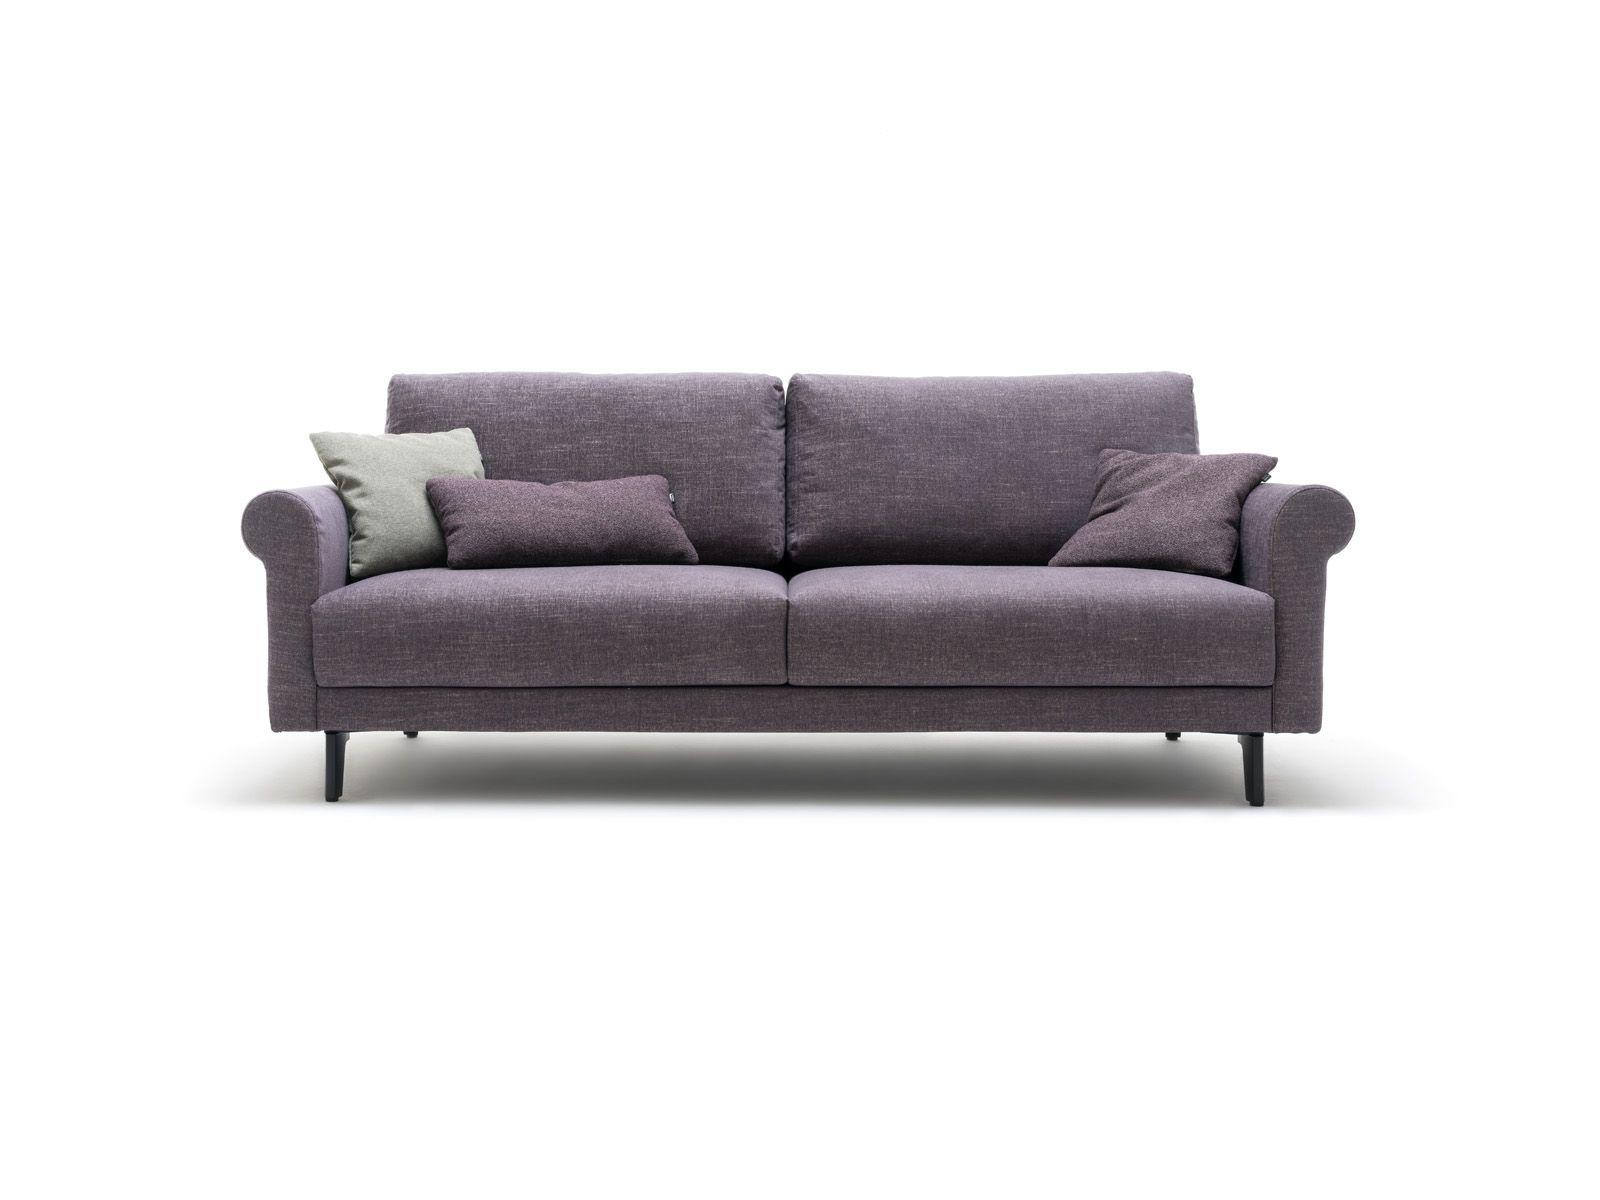 Bezaubernd Hülsta Couch Das Beste Von Hülsta Sofa Hs.450 Individuelles Sofa Programm Zur